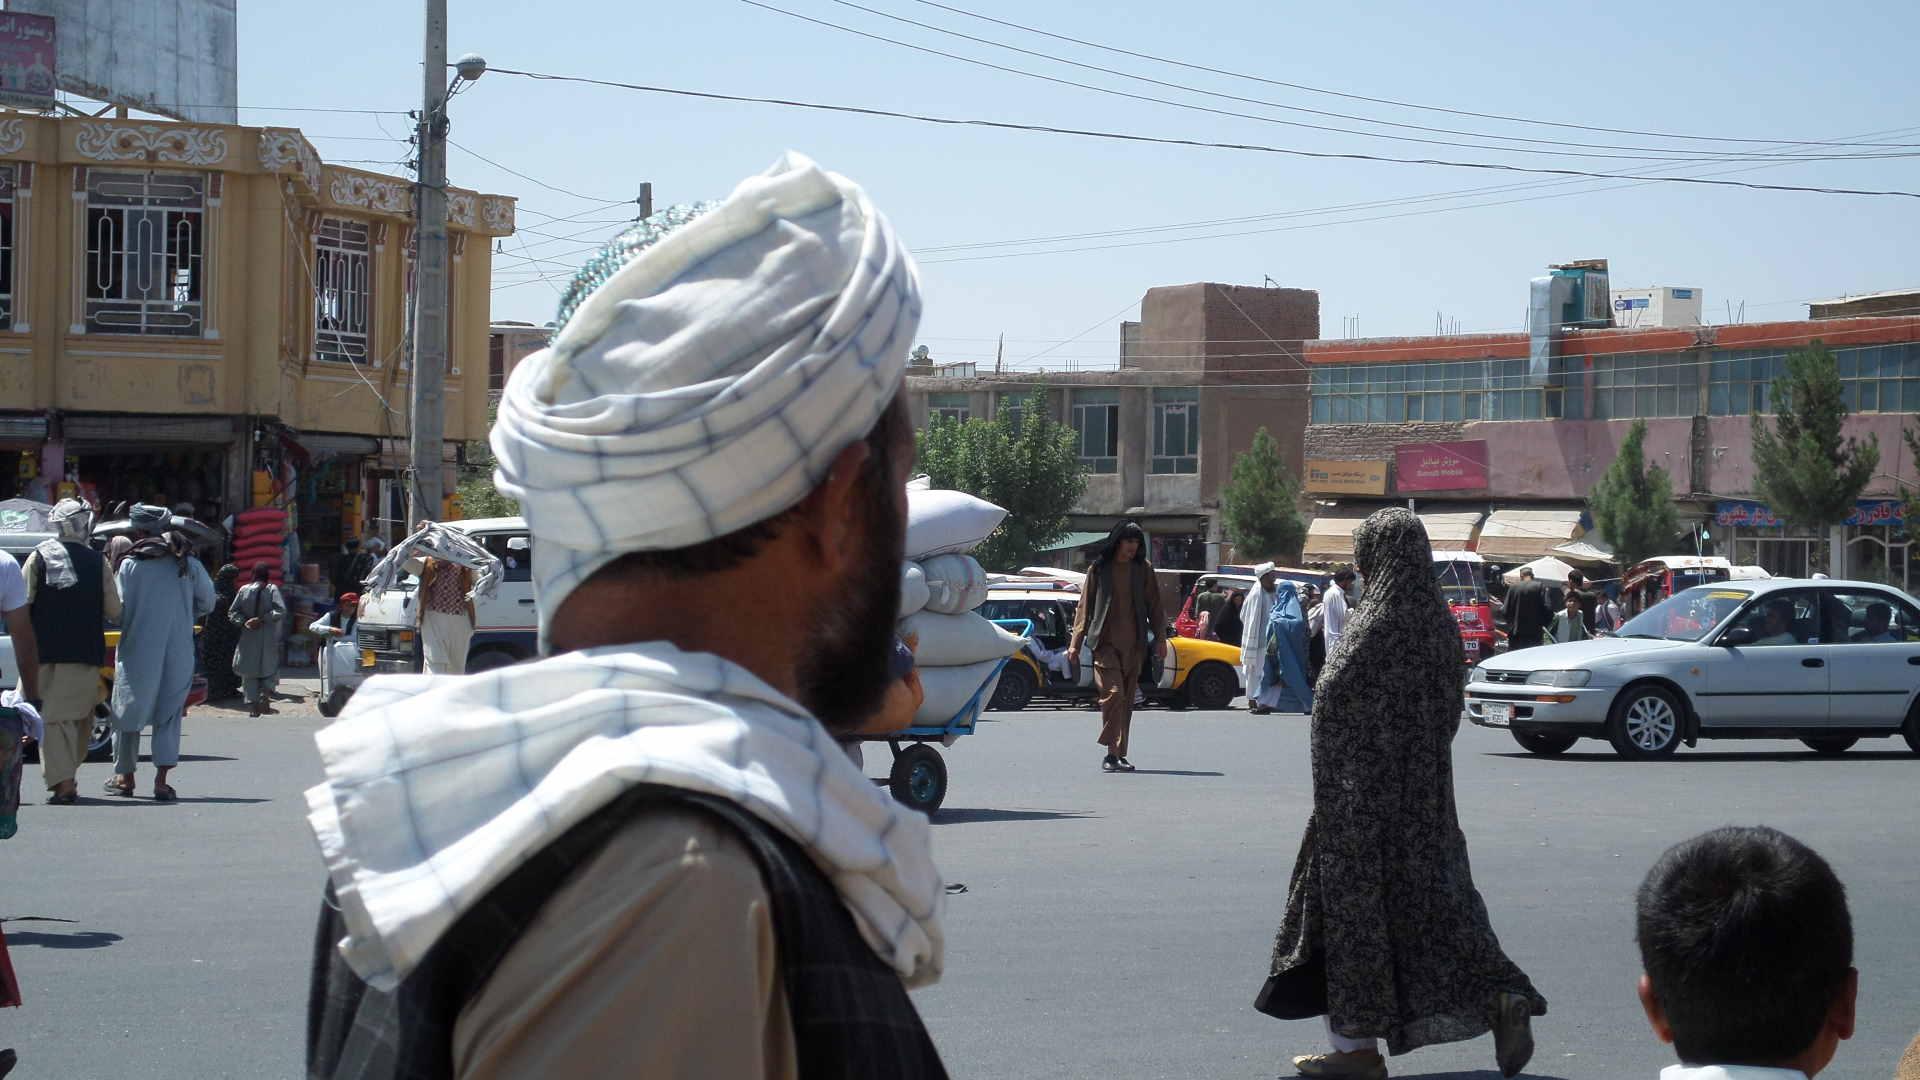 Afbeelding: Afghanistan, dagelijks leven, man in traditionele kledij